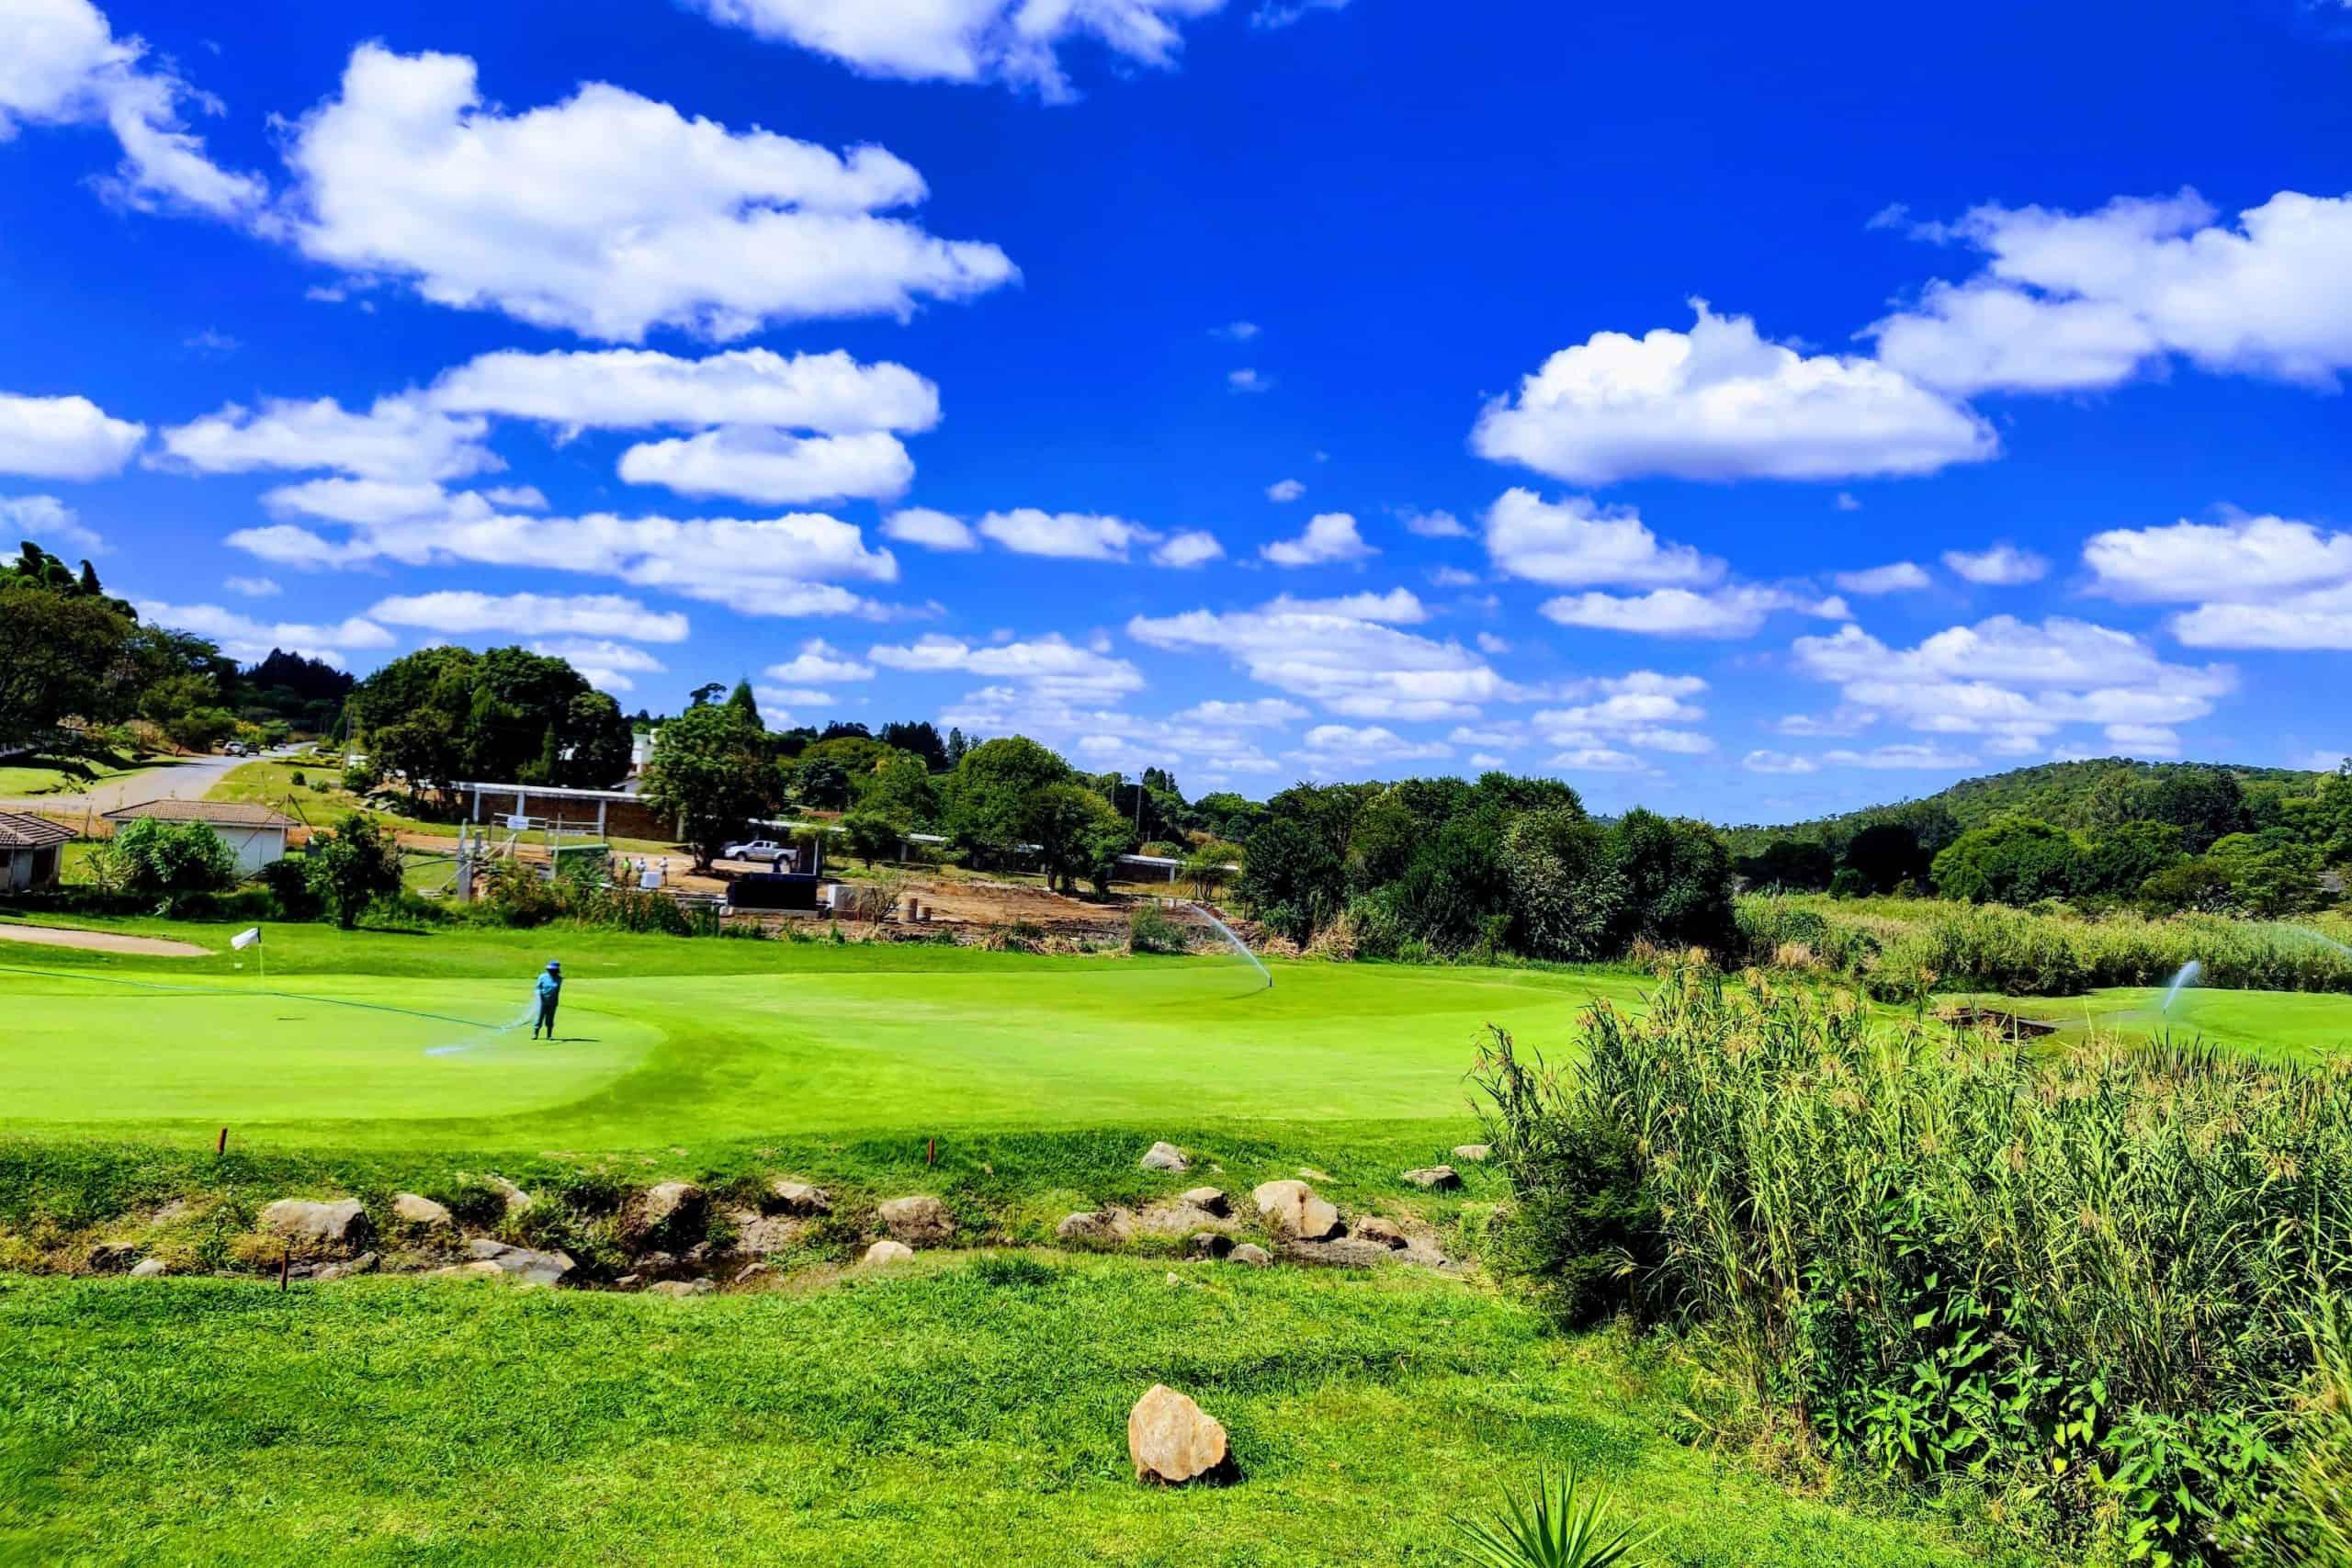 BioReactor at golf course 10